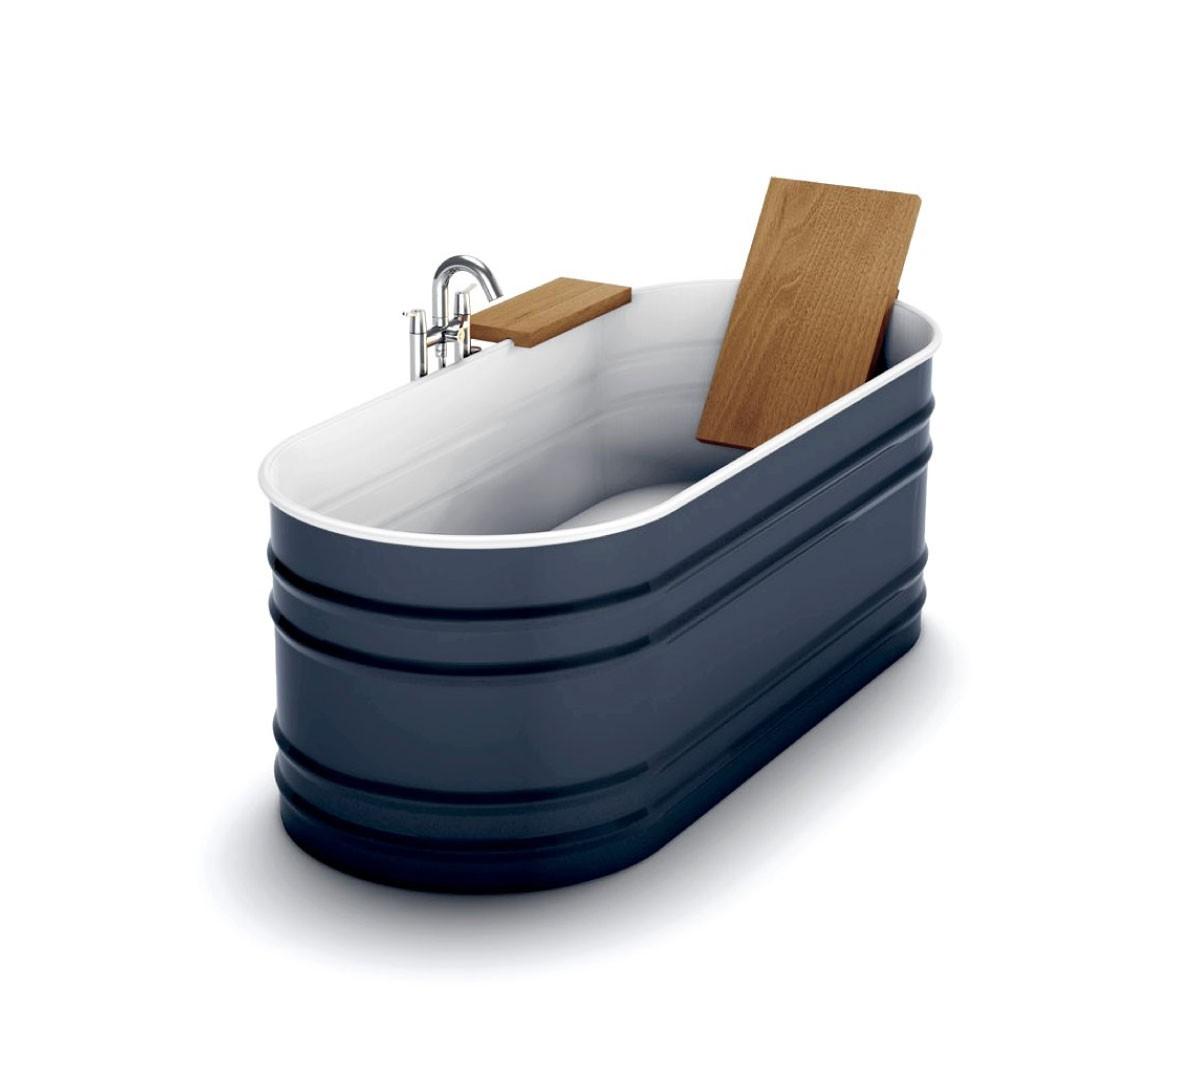 Designer Bathtub By Agape Luxury Interior Design Online Shop